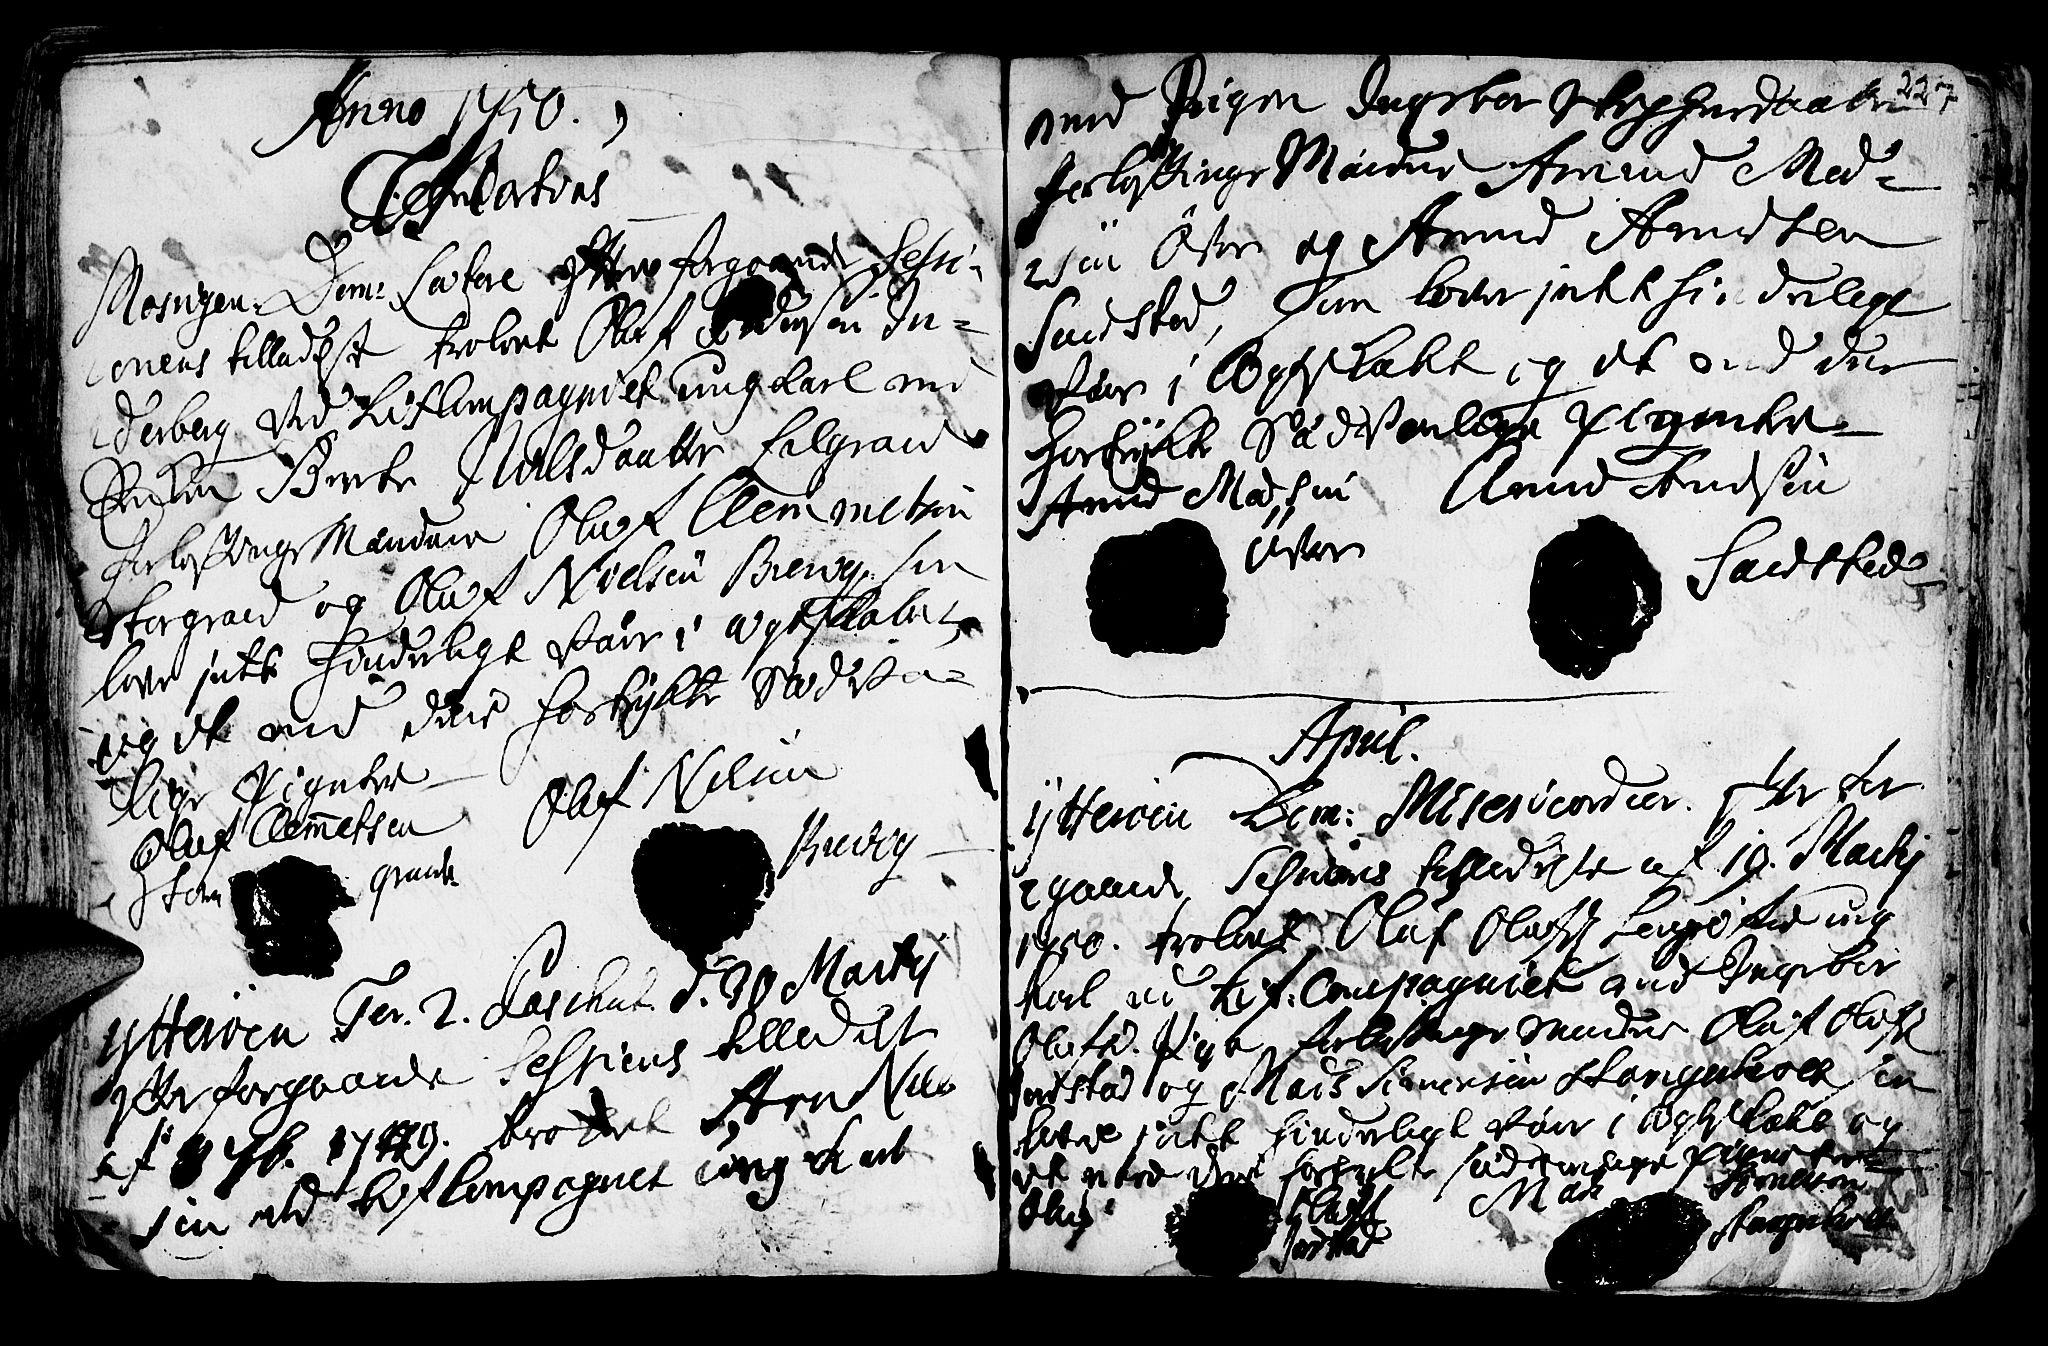 SAT, Ministerialprotokoller, klokkerbøker og fødselsregistre - Nord-Trøndelag, 722/L0215: Ministerialbok nr. 722A02, 1718-1755, s. 227